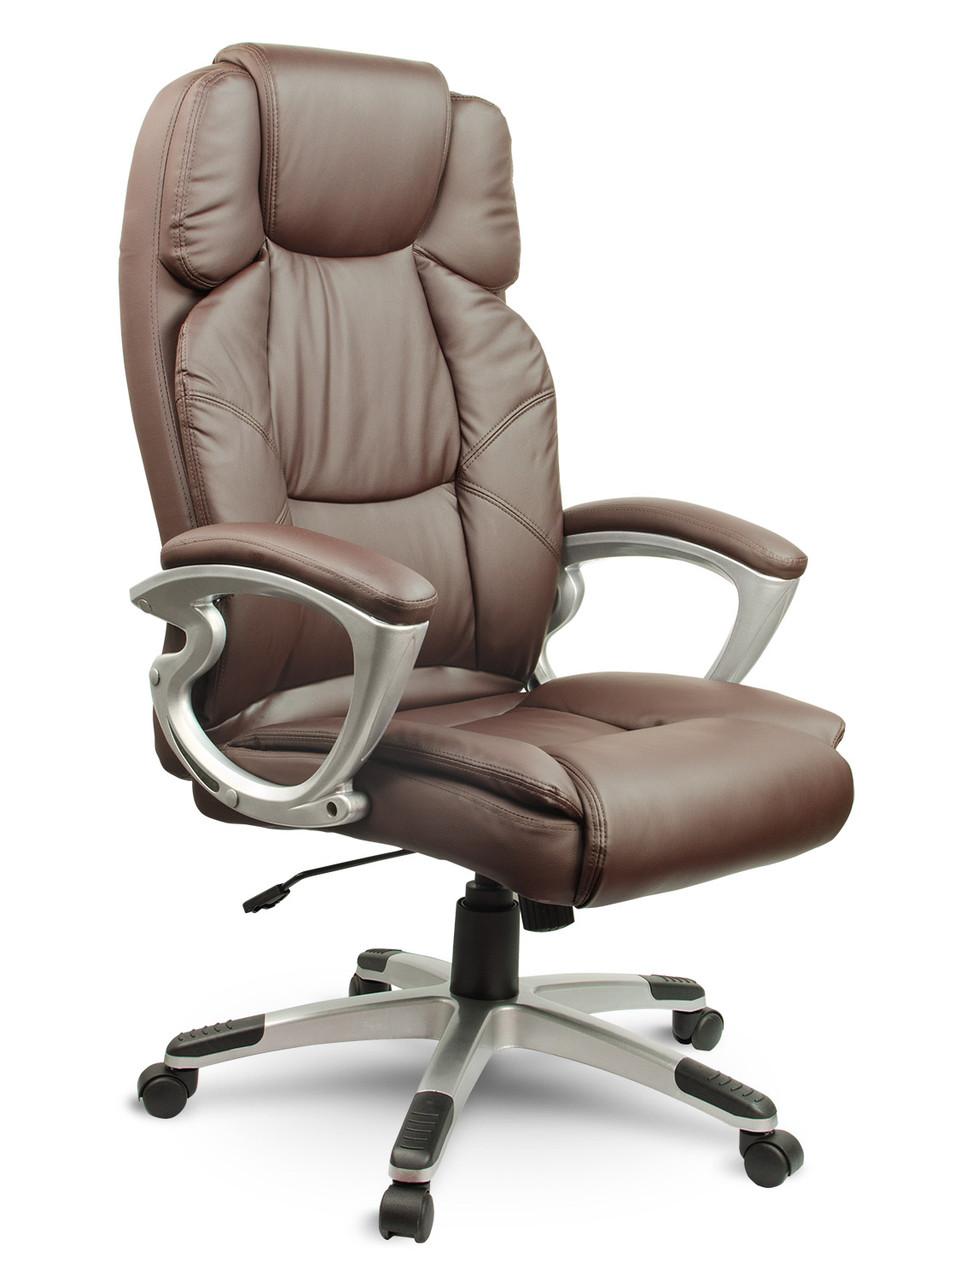 Кожаное офисное кресло Eago EG-227 коричневый